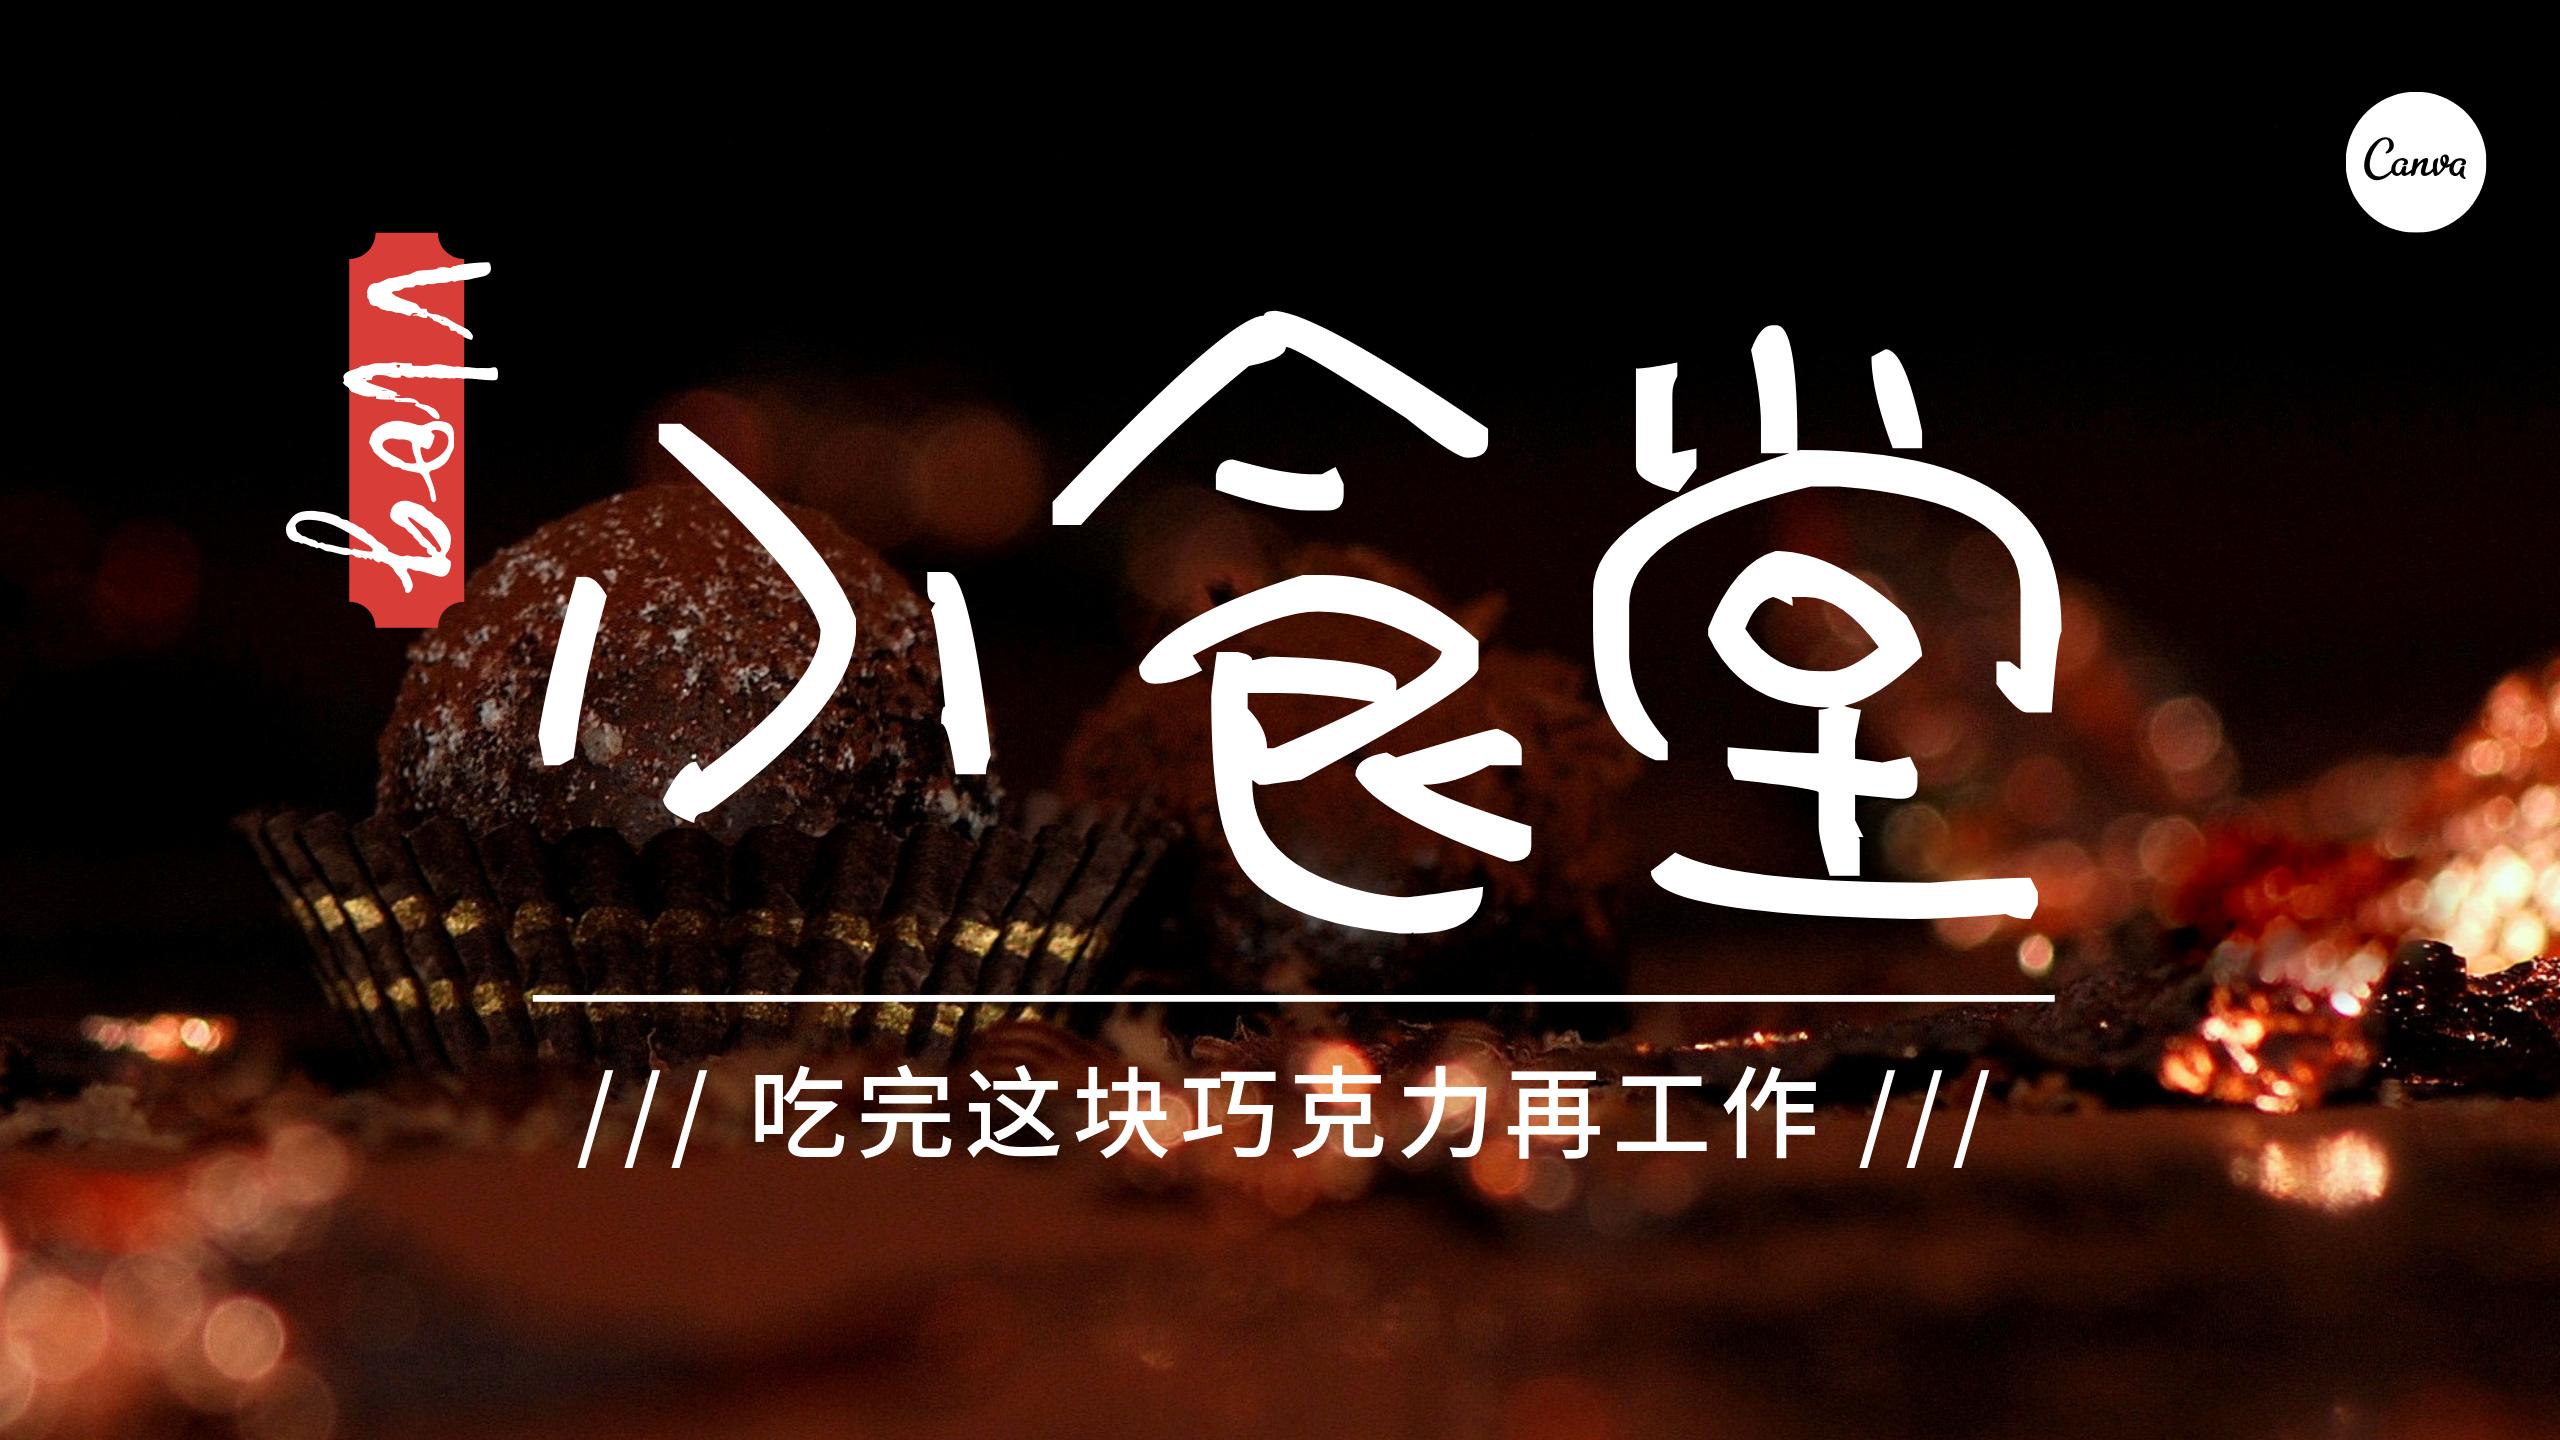 美食类视频封面